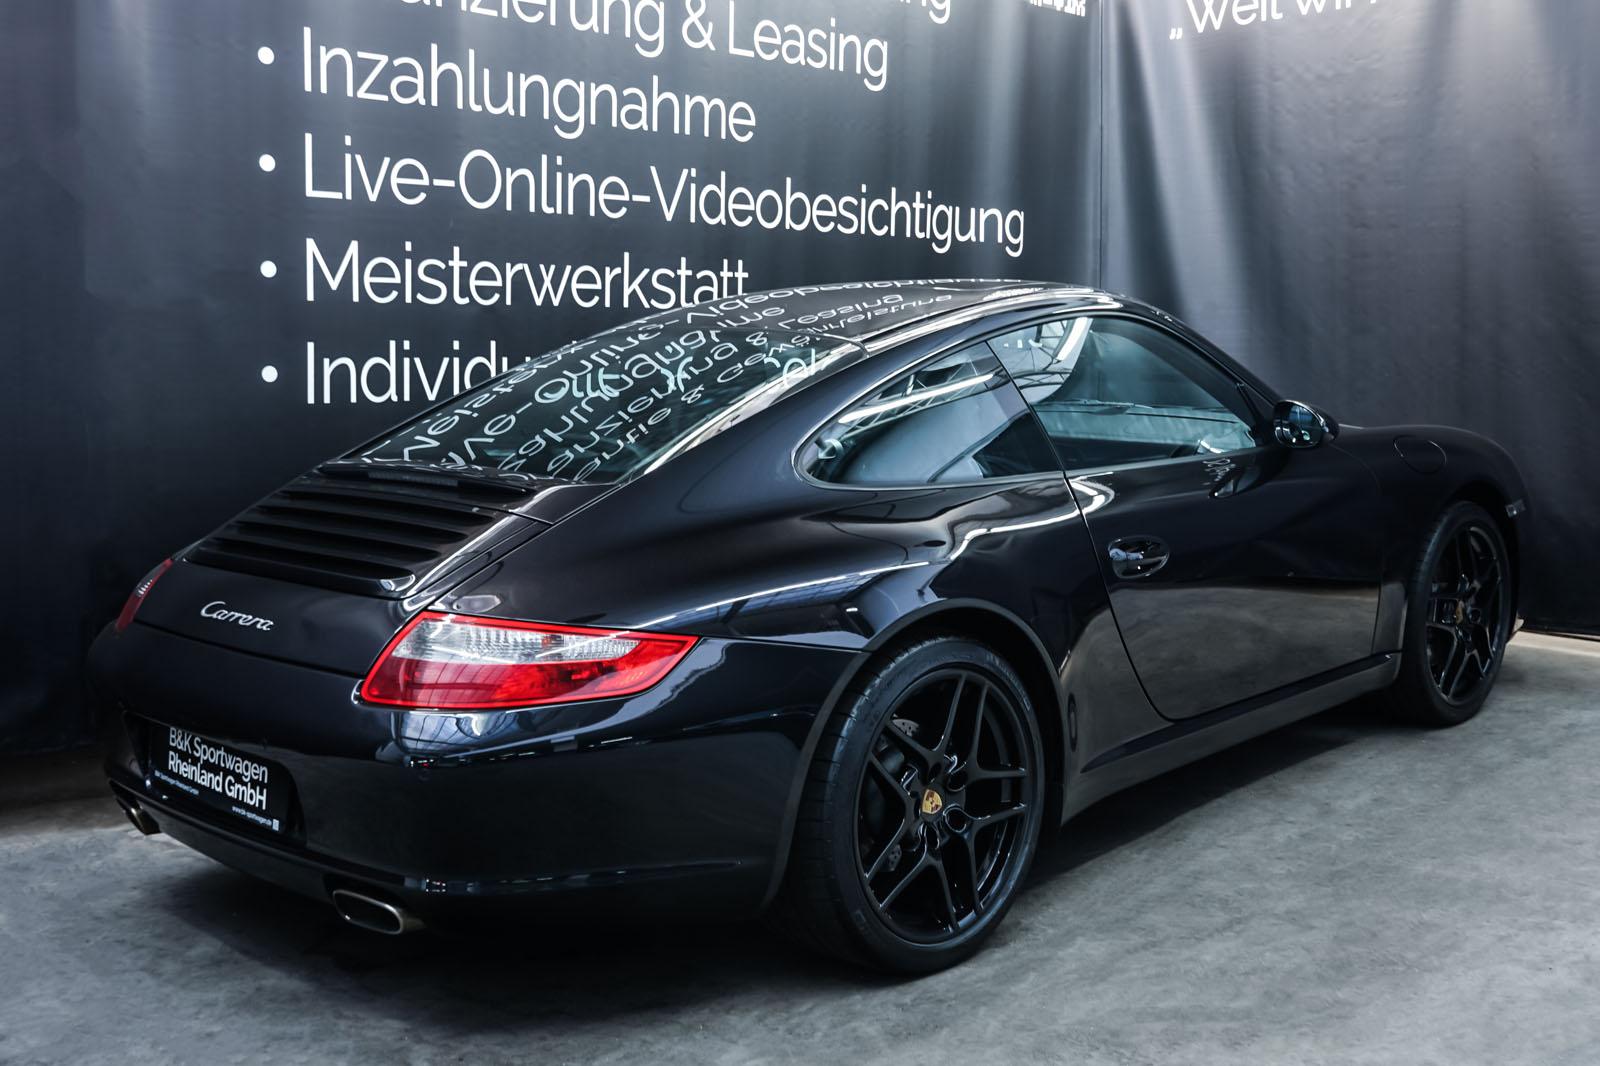 Porsche_997_C2_Schwarz_Schwarz_POR-3384_14_w